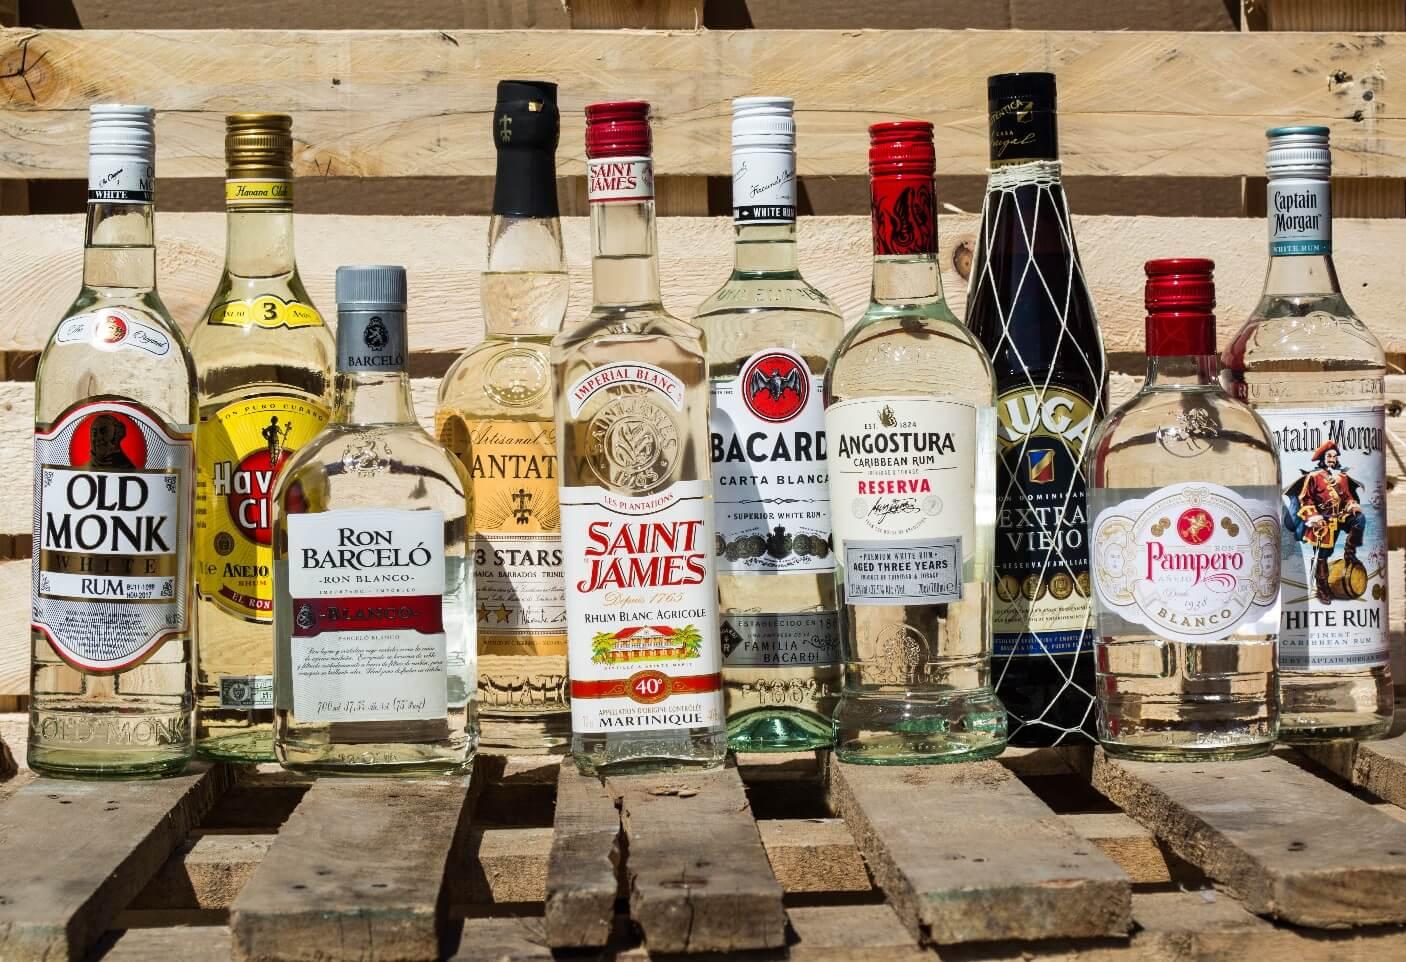 Genial Longdrinks Klassiker Galerie Von Weißer Rum Ist Der Für Und Cocktails.